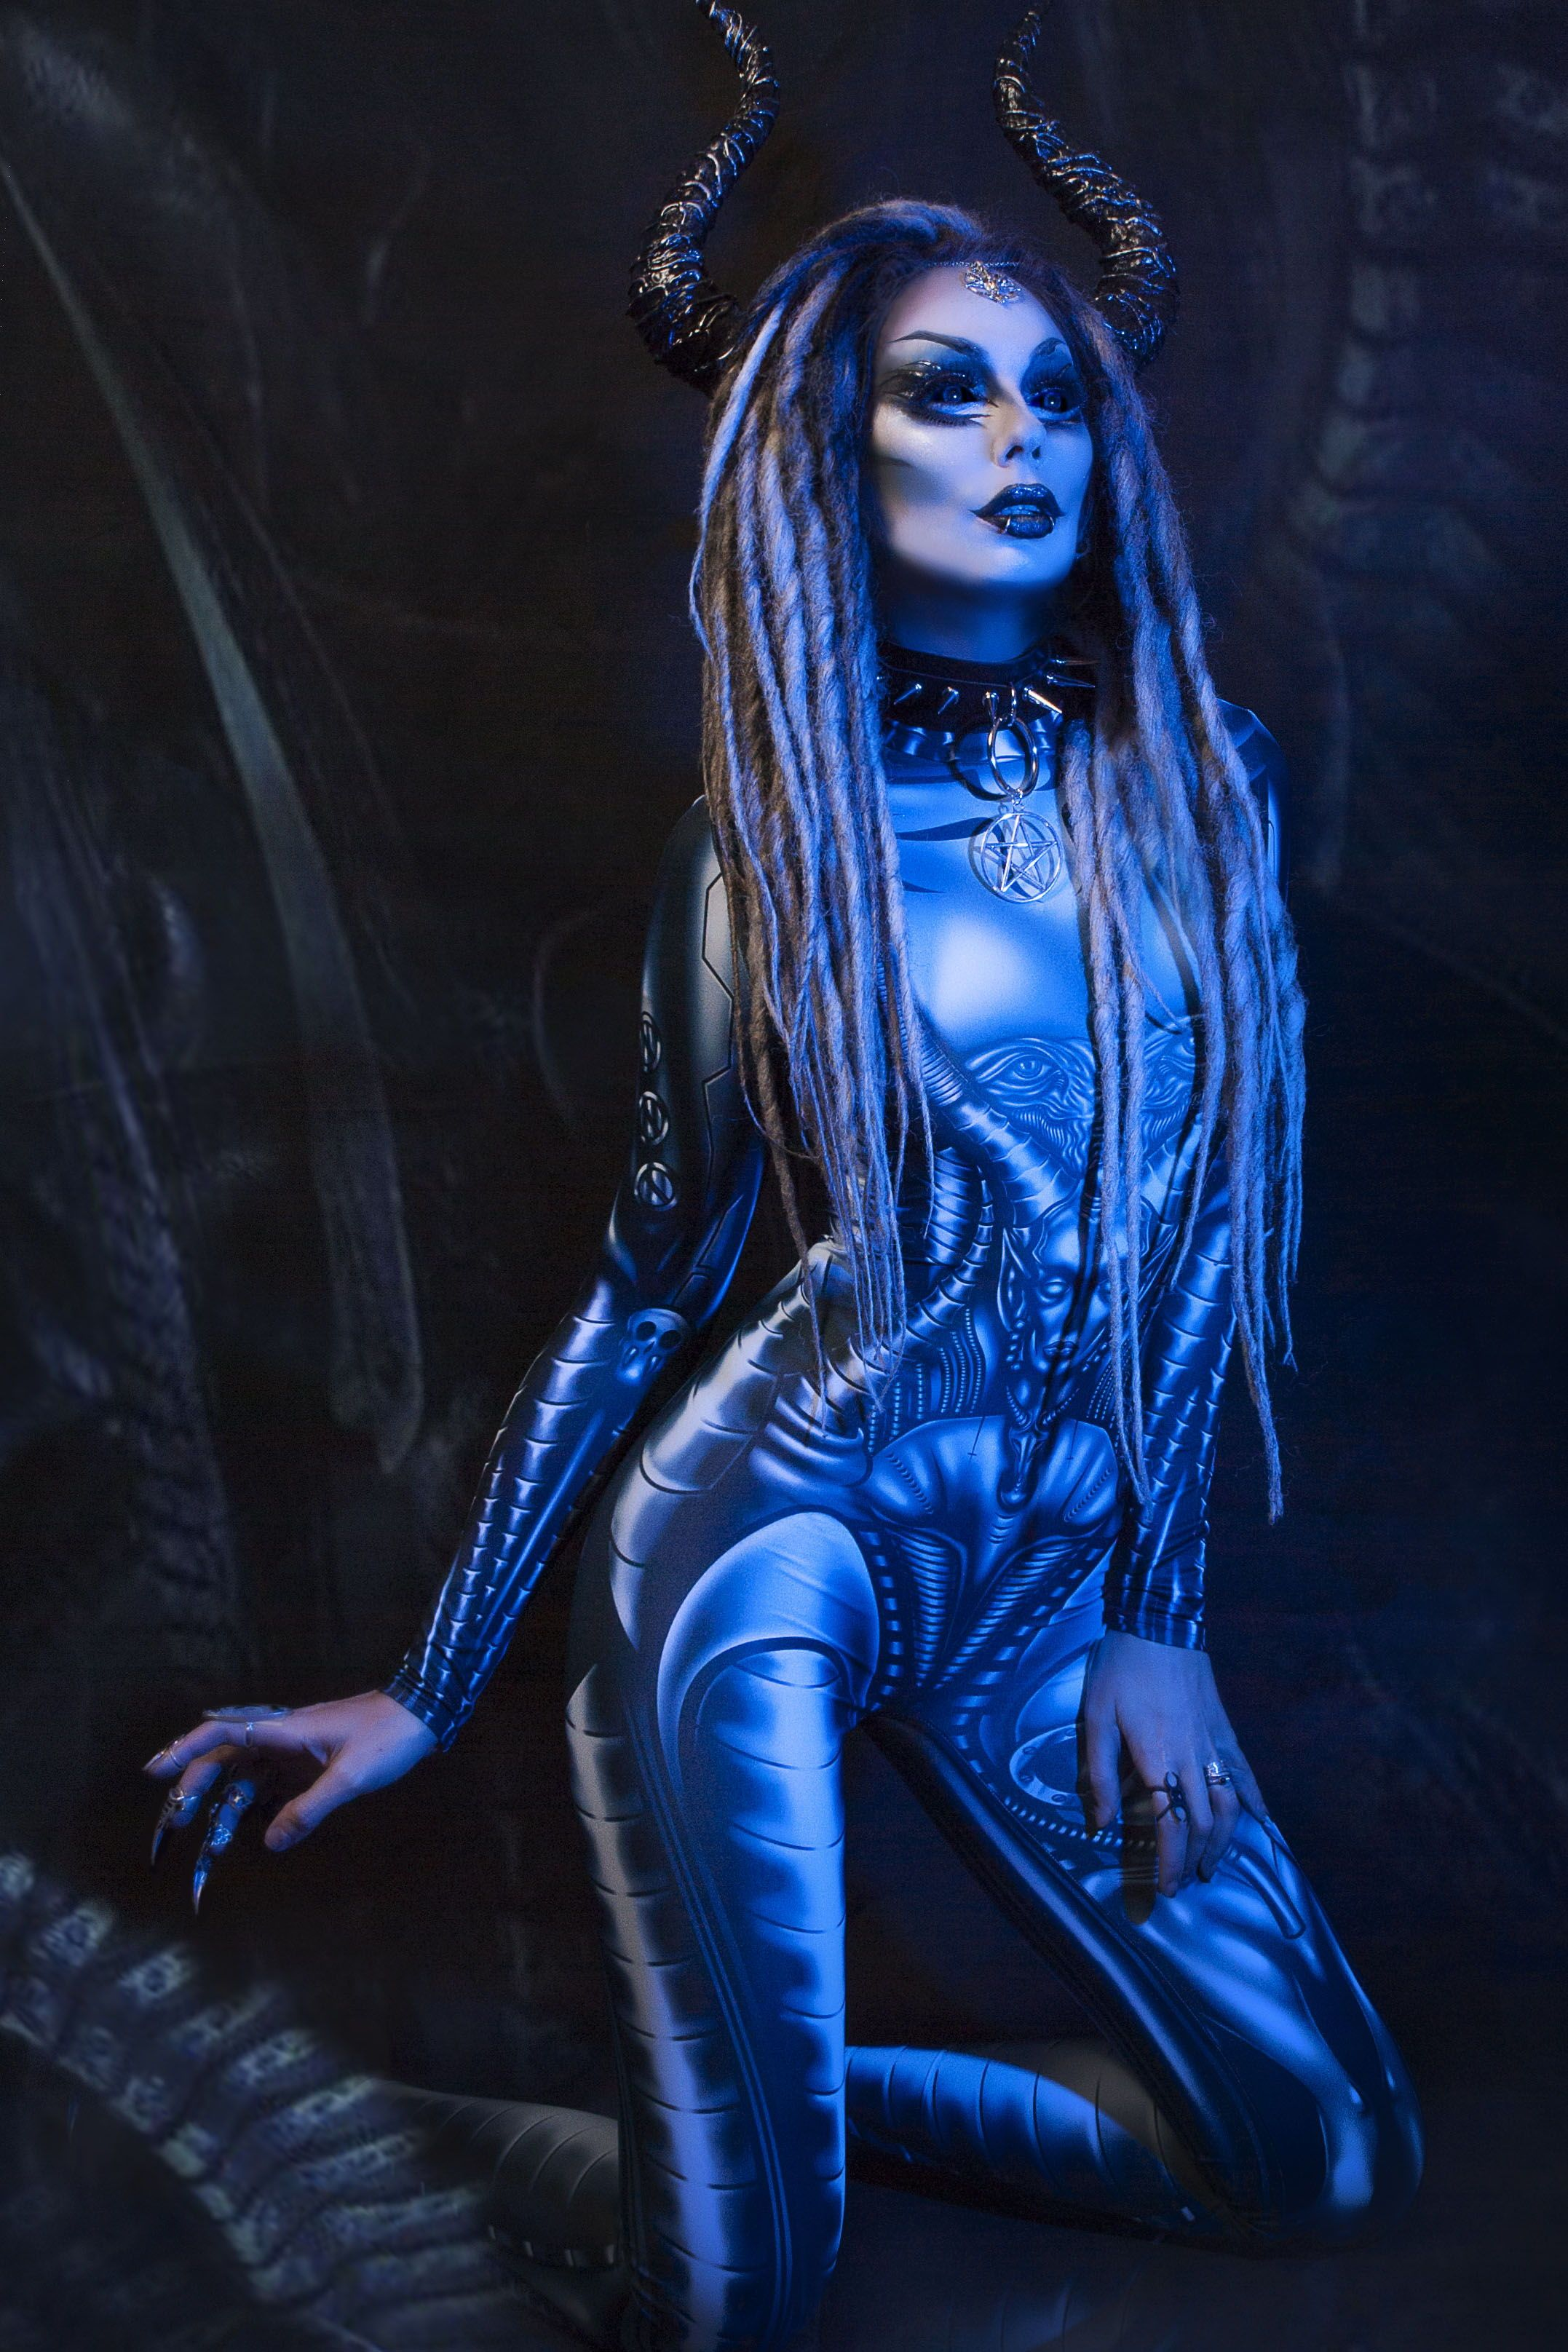 Alien Queen Costume (With images) | Queen costume, Alien ...